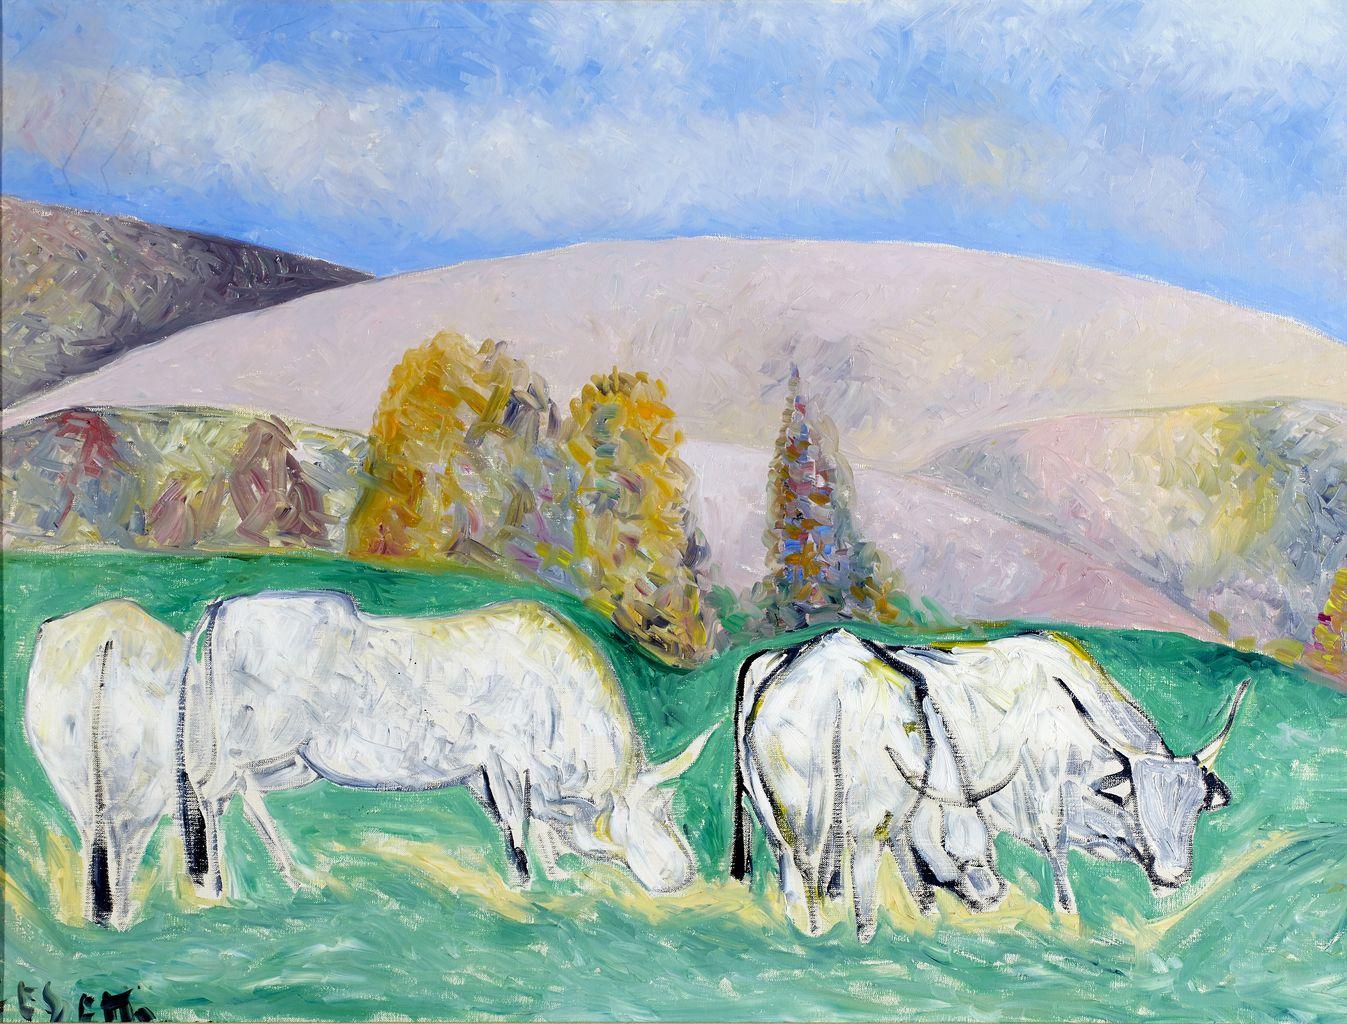 Buoi, paesaggio e cielo, paesaggio con buoi (dipinto) di Cesetti Giuseppe detto Tortorella (sec. XX)